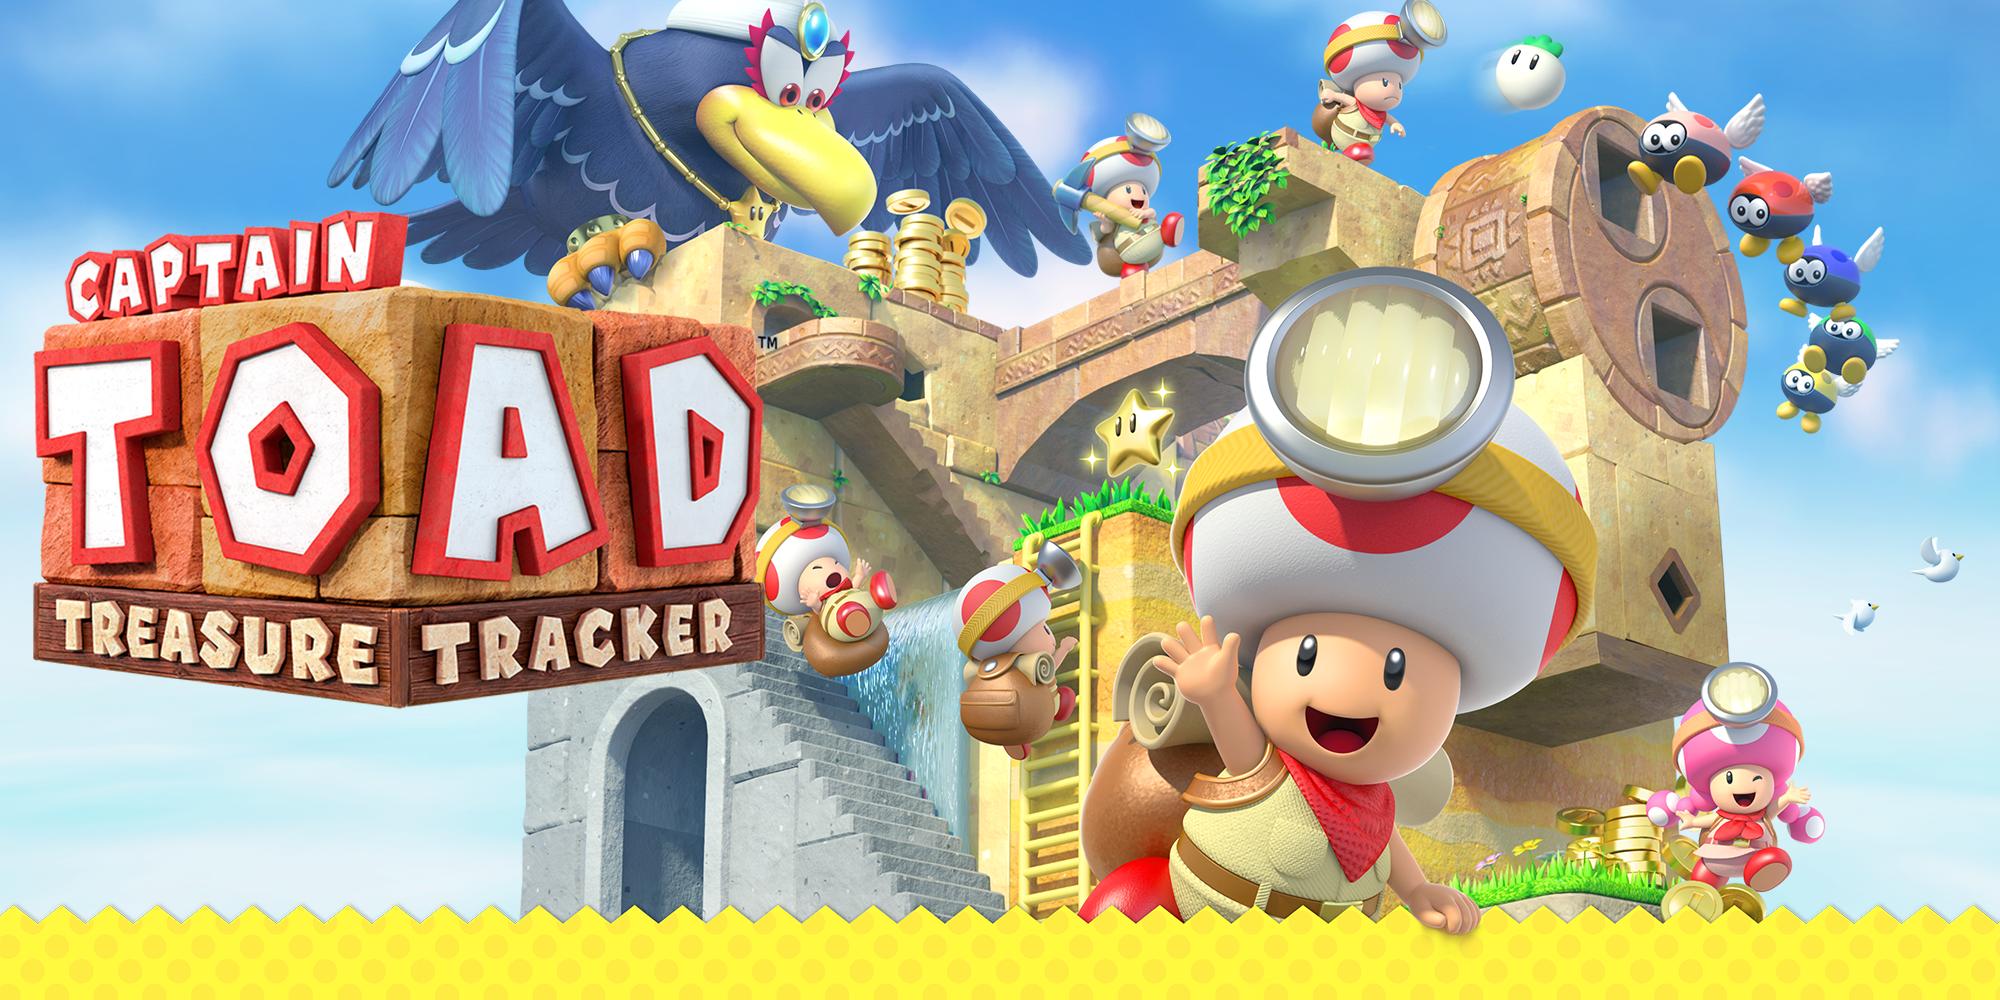 Resultado de imagen de portada videojuego Captain Toad: Treasure Tracker nintendo switch